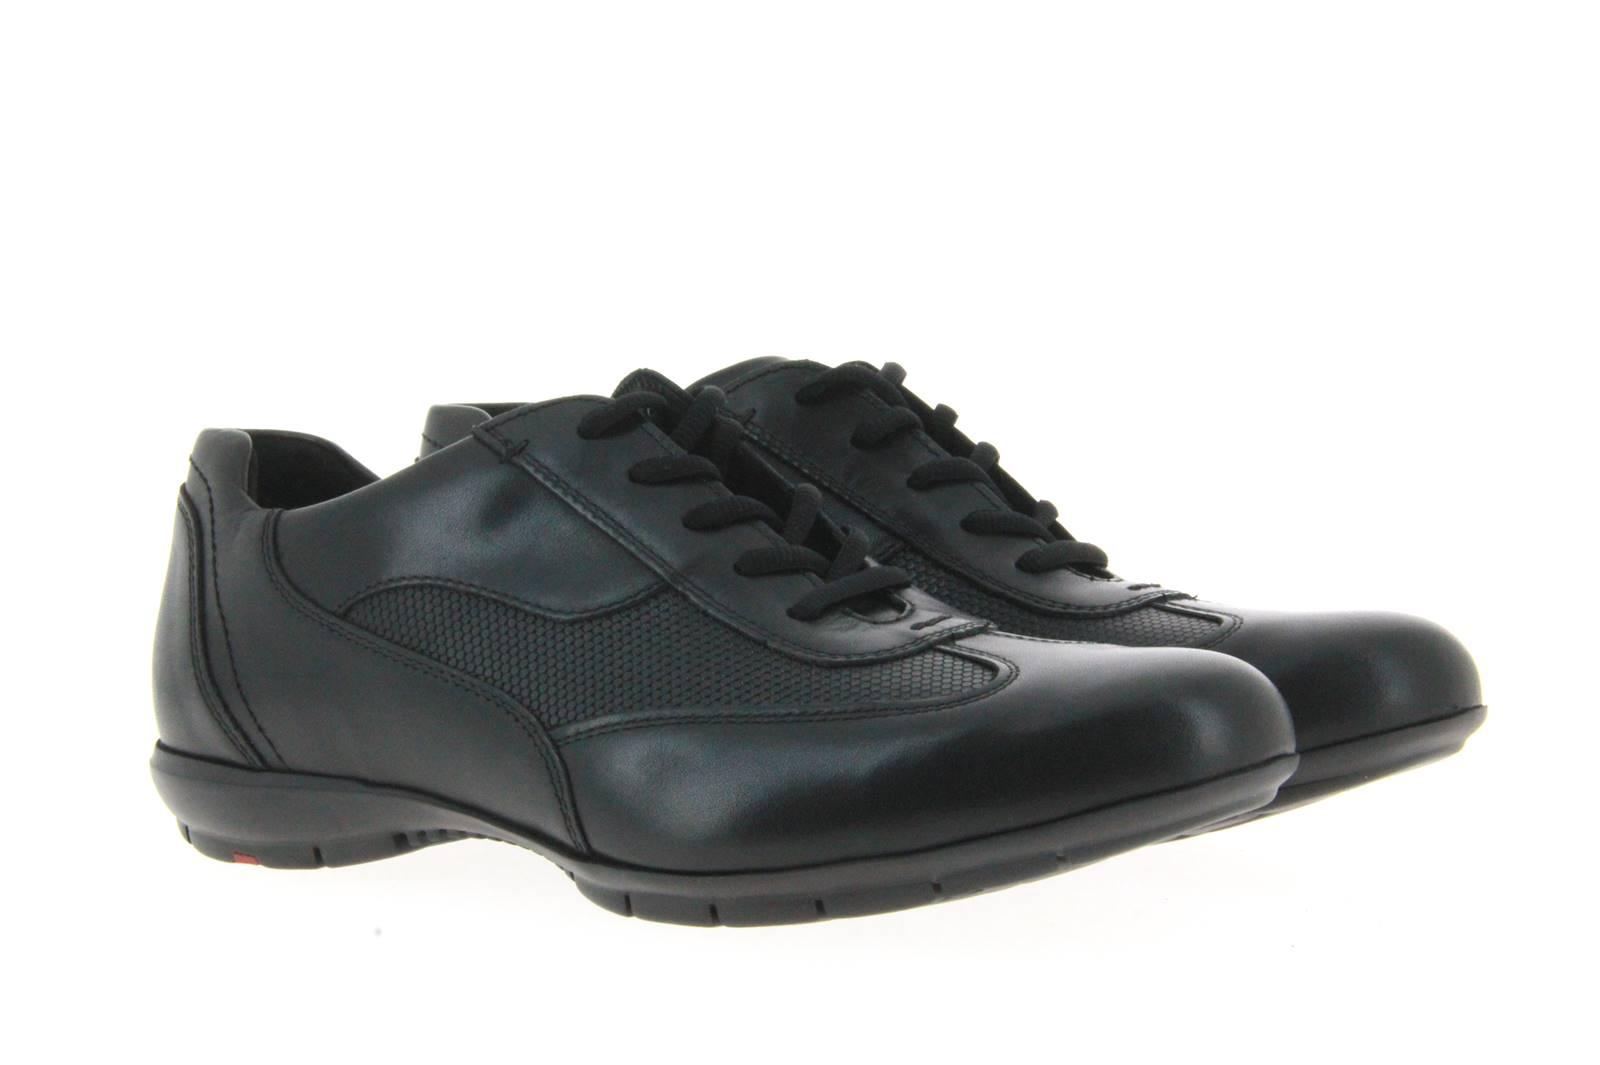 Lloyd sneaker ANDRES TOSCANA CALF BLACK